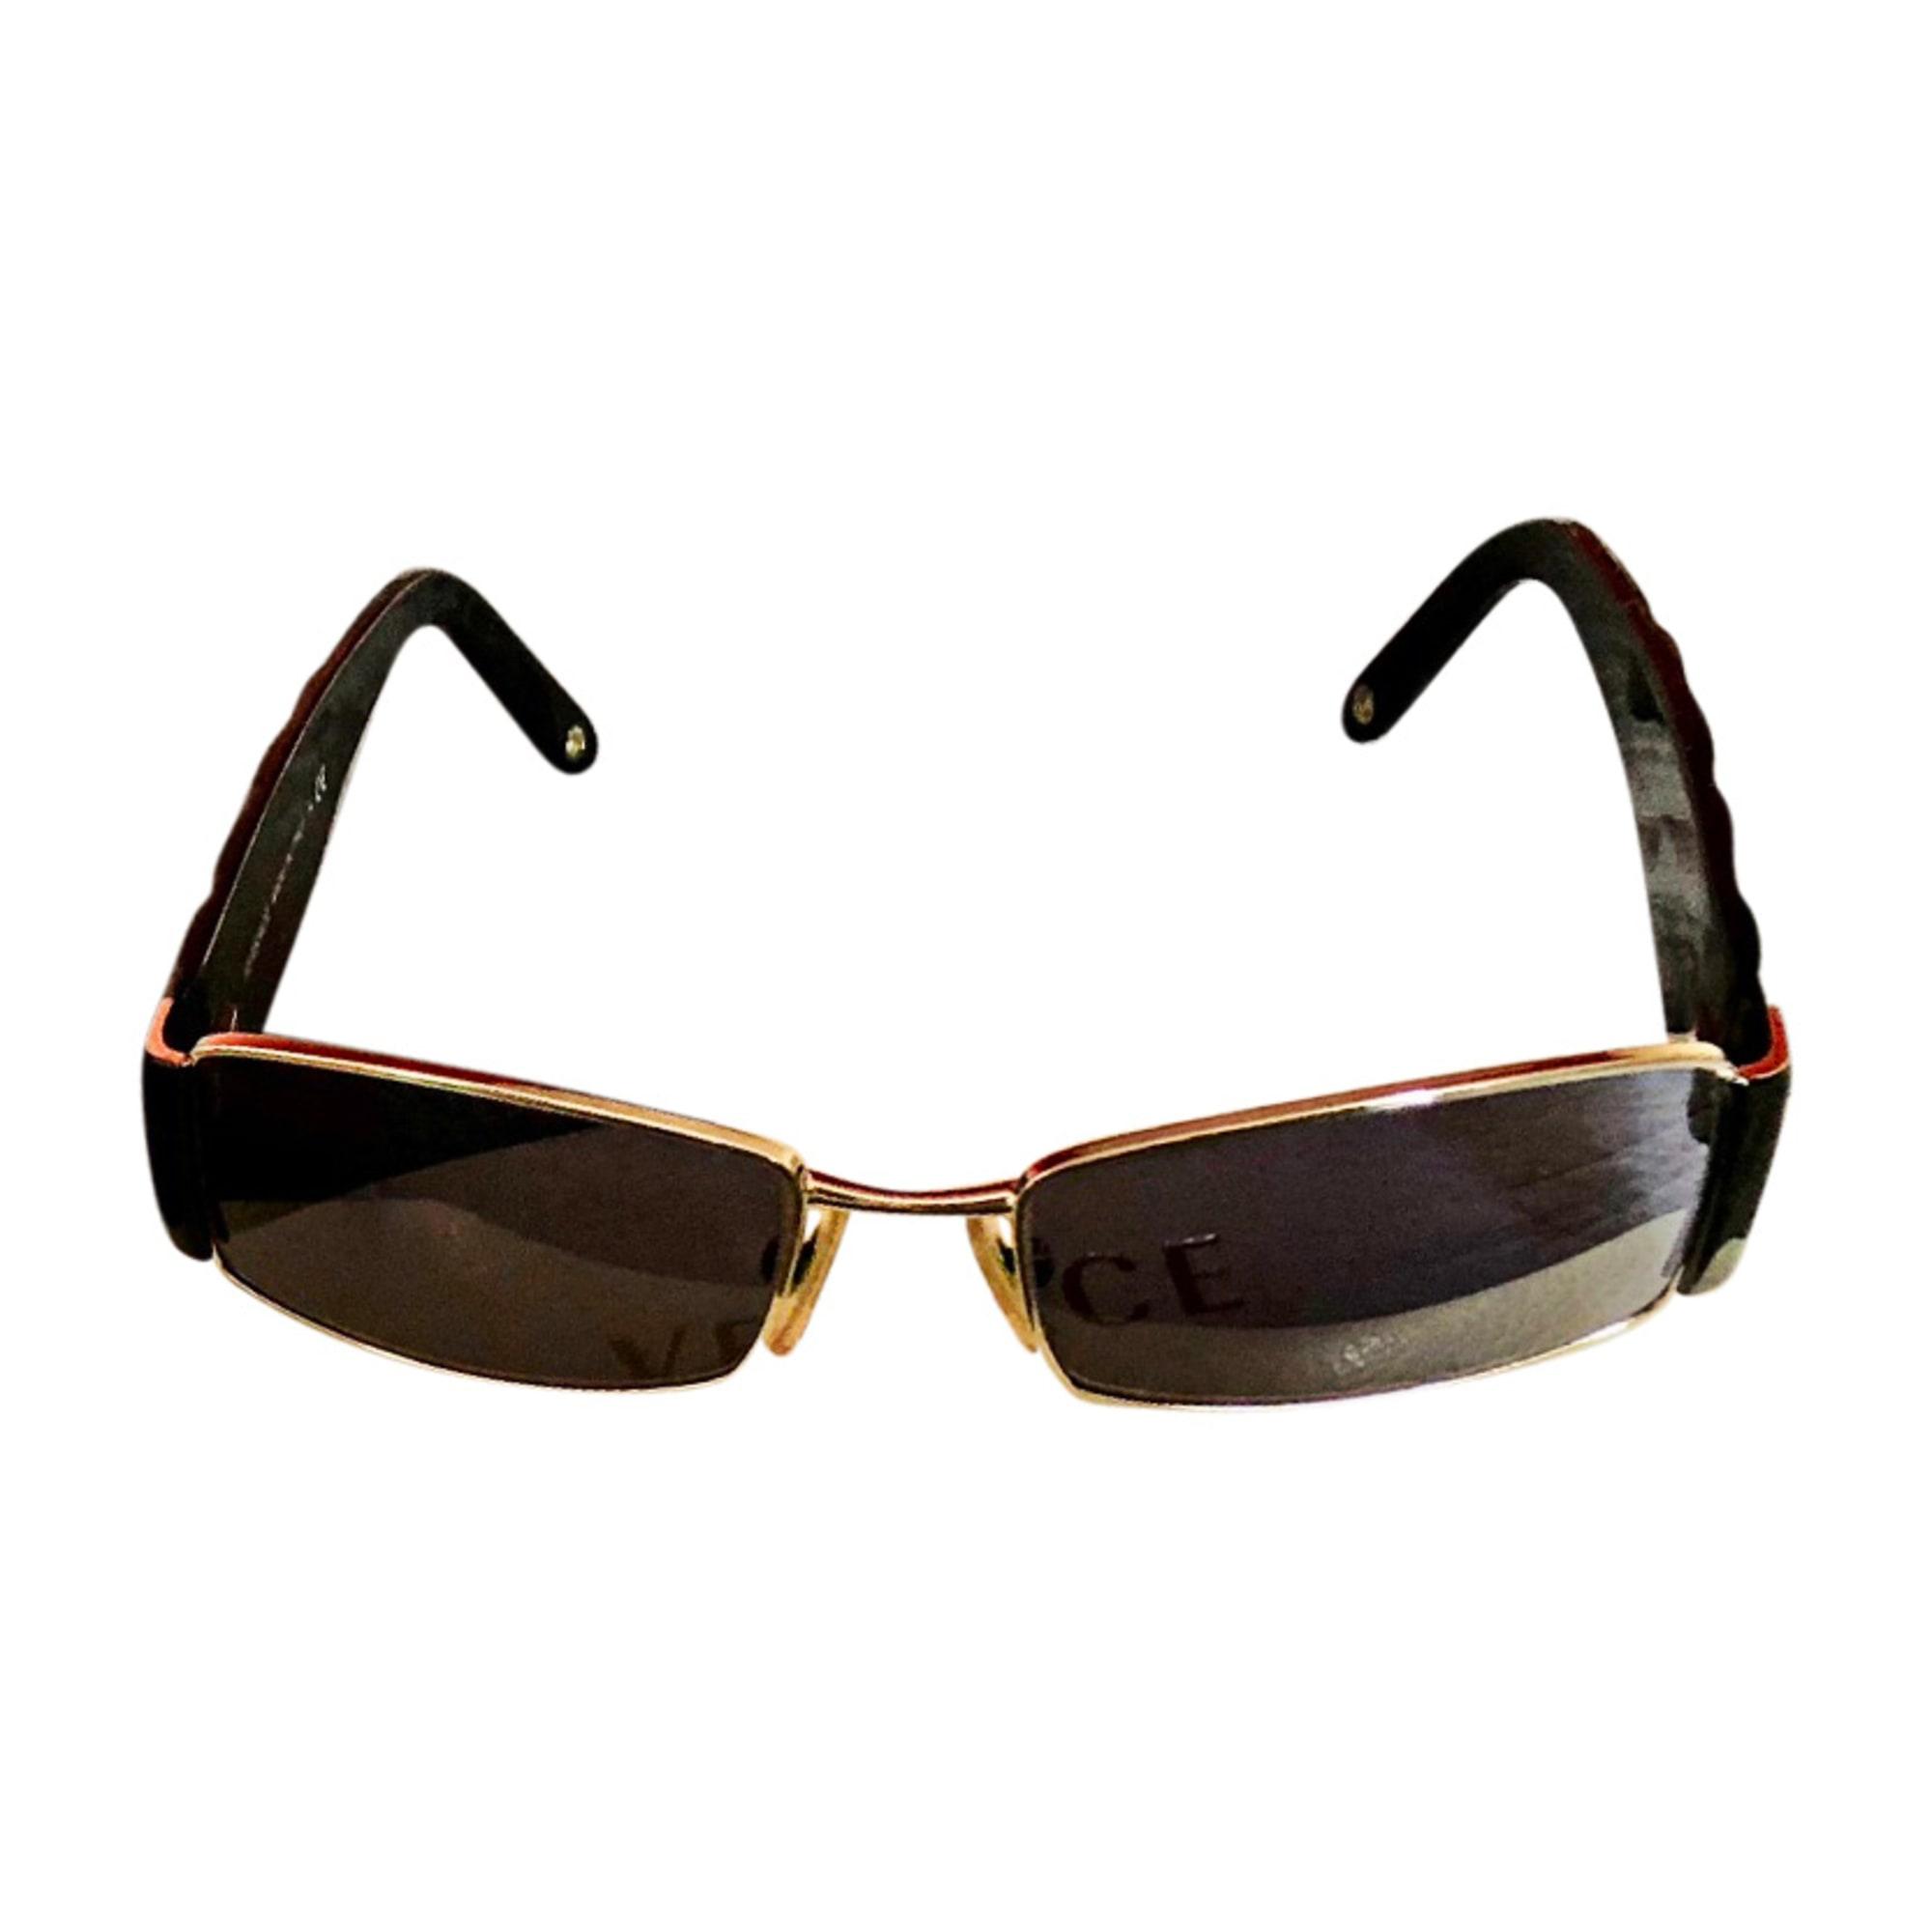 9d2110df50020d Brillen VERSACE schwarz vendu par Antoinette 75 - 7795828